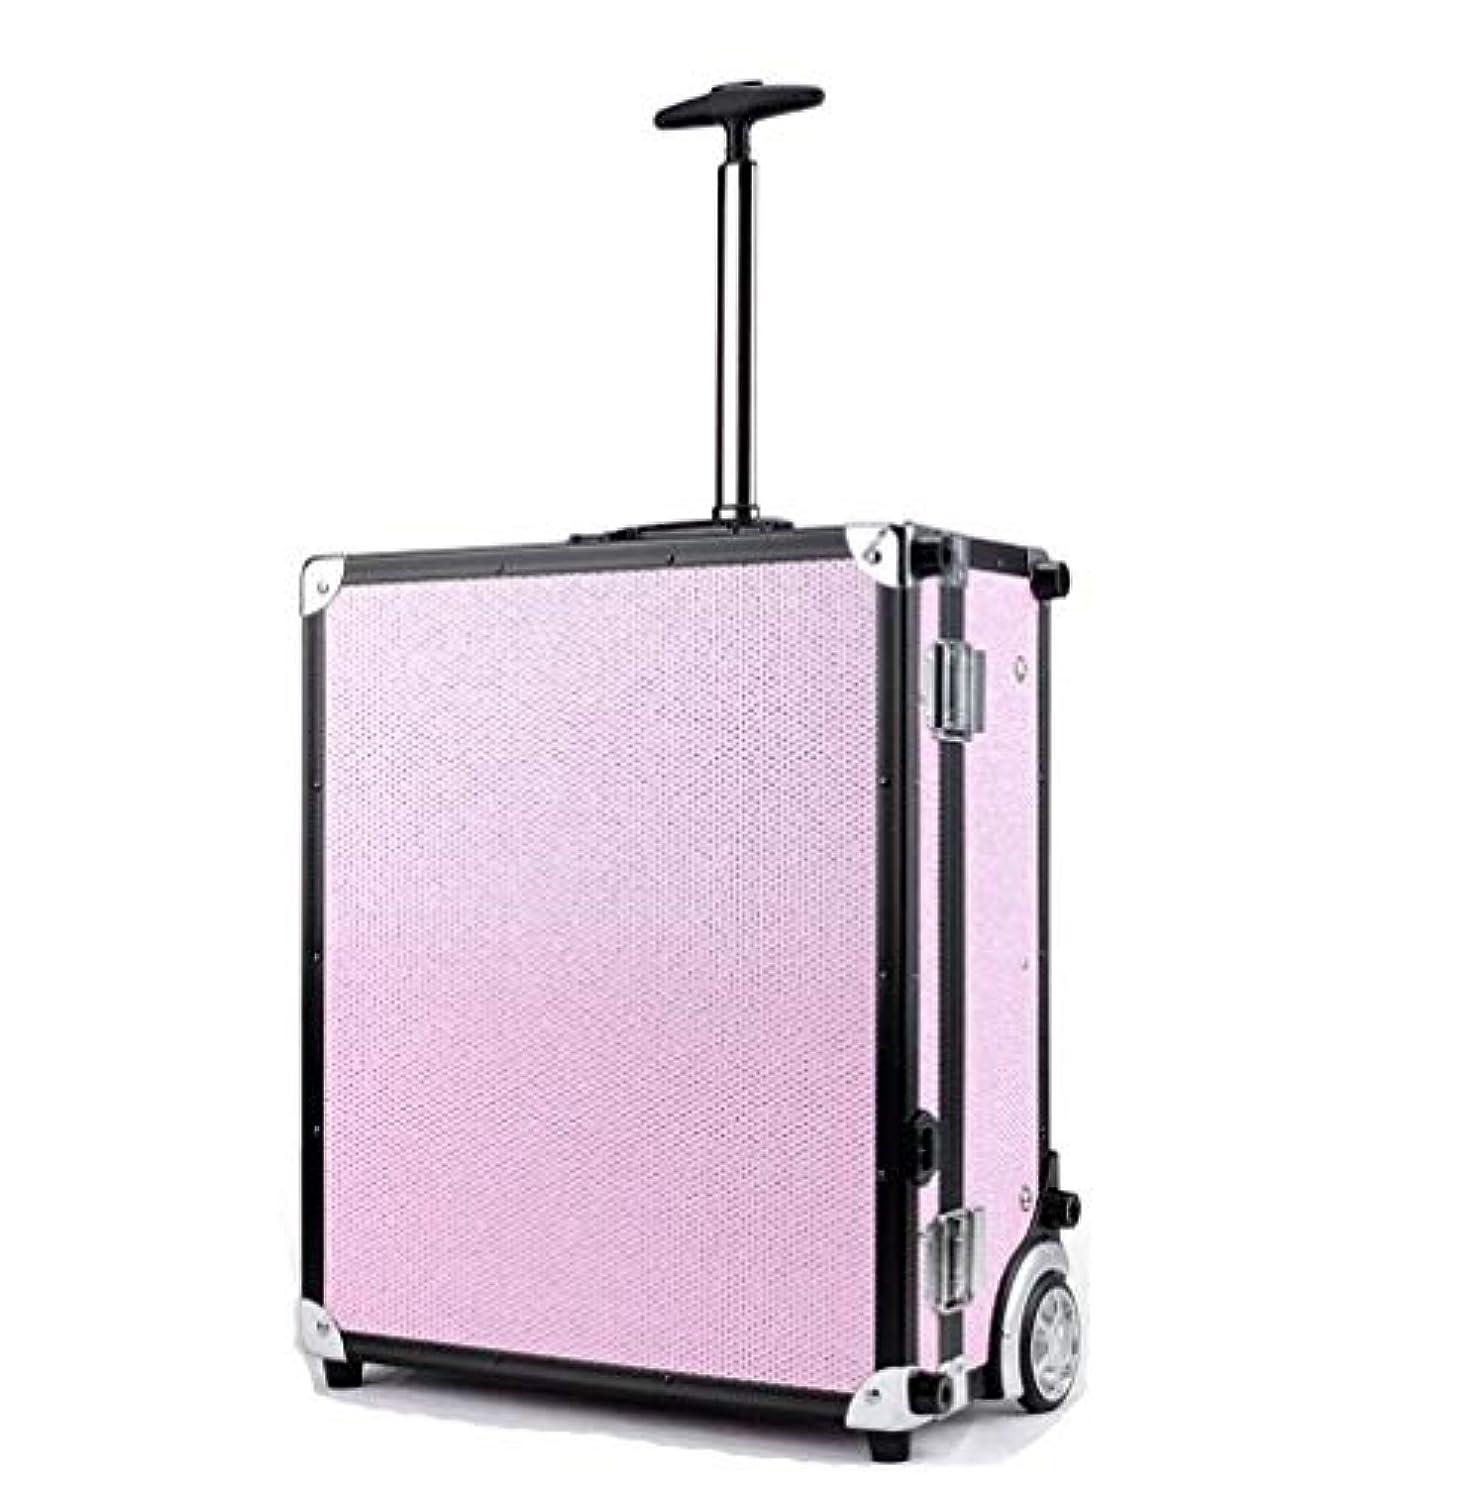 作成者驚いたことになんとなくBUMC 化粧トロリーケース、大きい化粧化粧列車、LEDライト付き、ダイヤモンドオーガナイザーボックス収納付きプロフェッショナル多層化粧品ケース